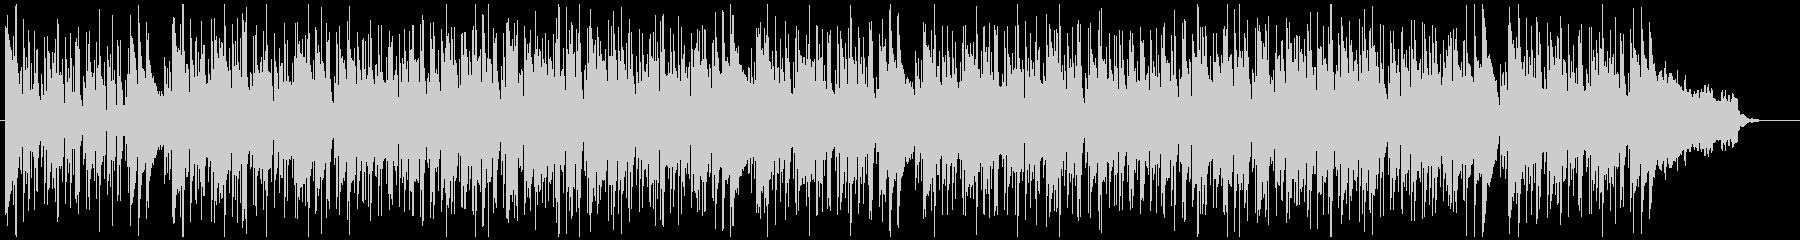 サティ、ジムノペディ第1番、ボサノヴァの未再生の波形